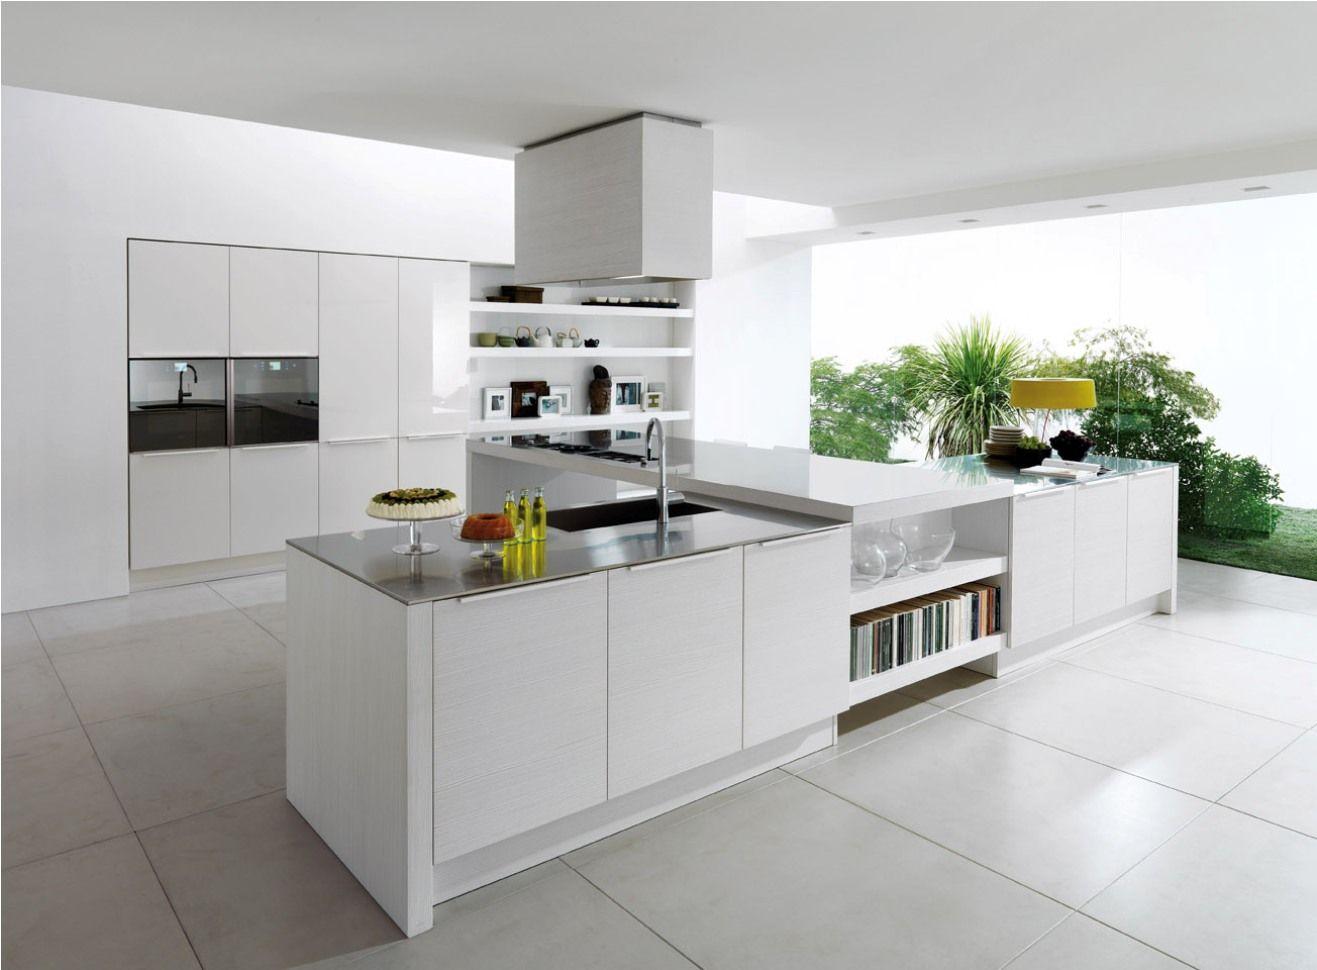 modern white kitchen design white kitchen ideas Modern White Kitchen Design